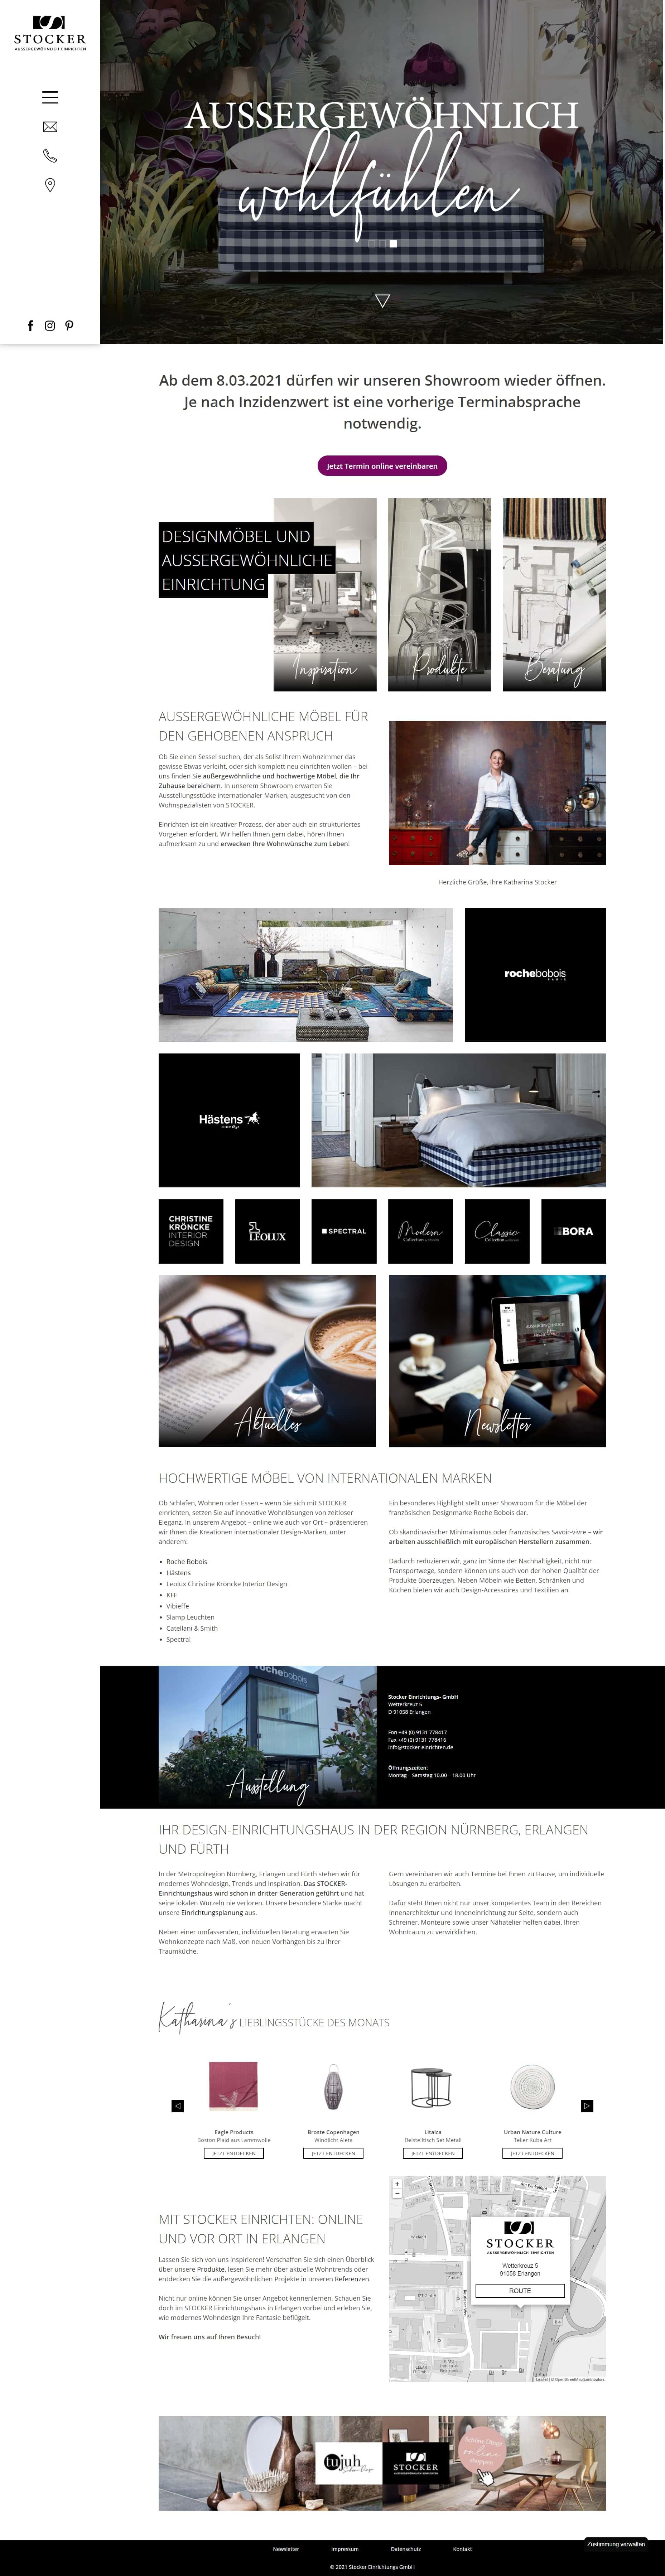 Designmöbel-und-Außergewöhnliche-Einrichtung-STOCKER (1)